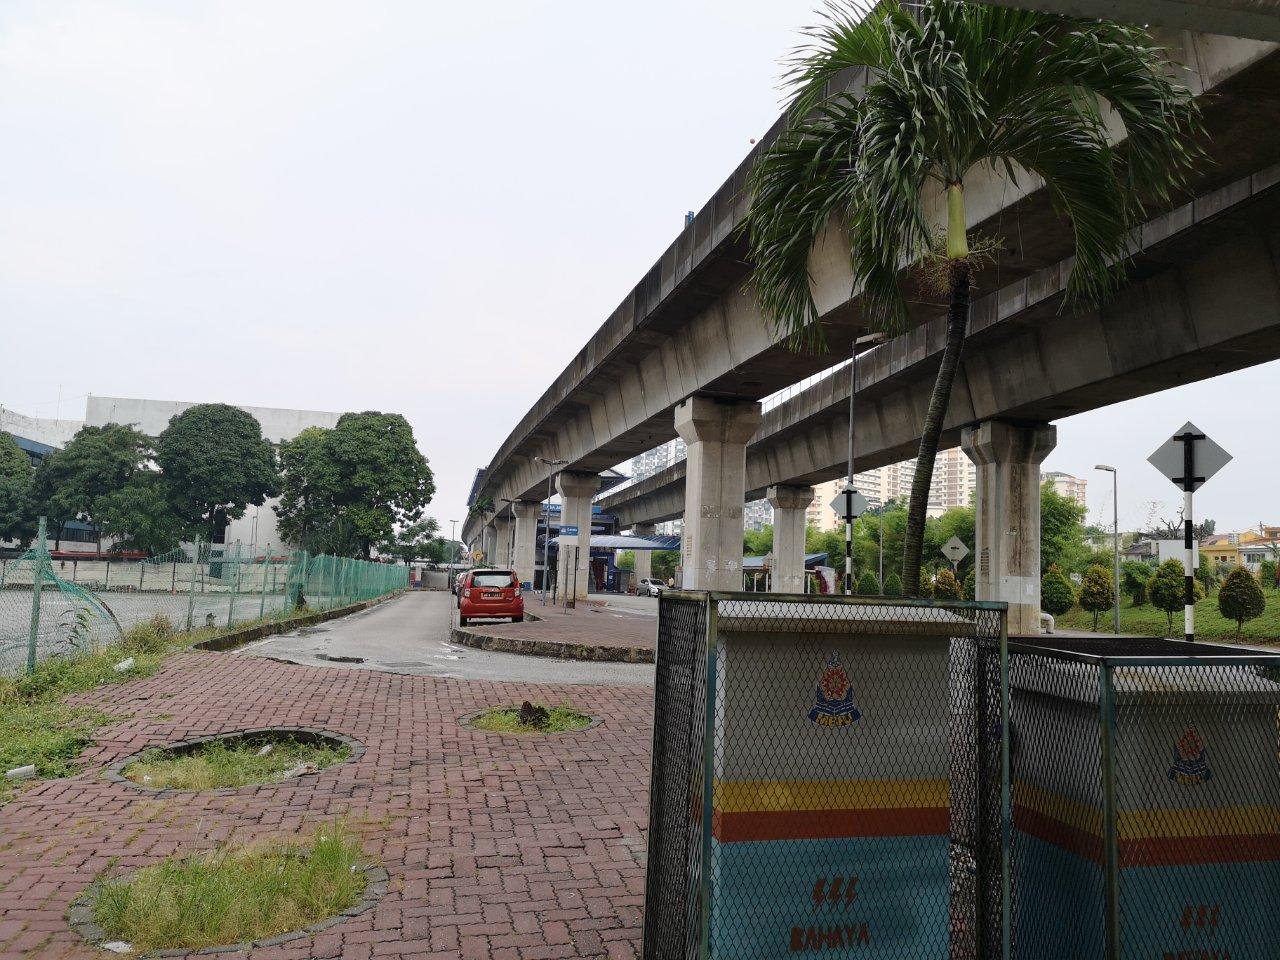 ヒルトンペタリンジャヤからアジアジャヤ駅まで16